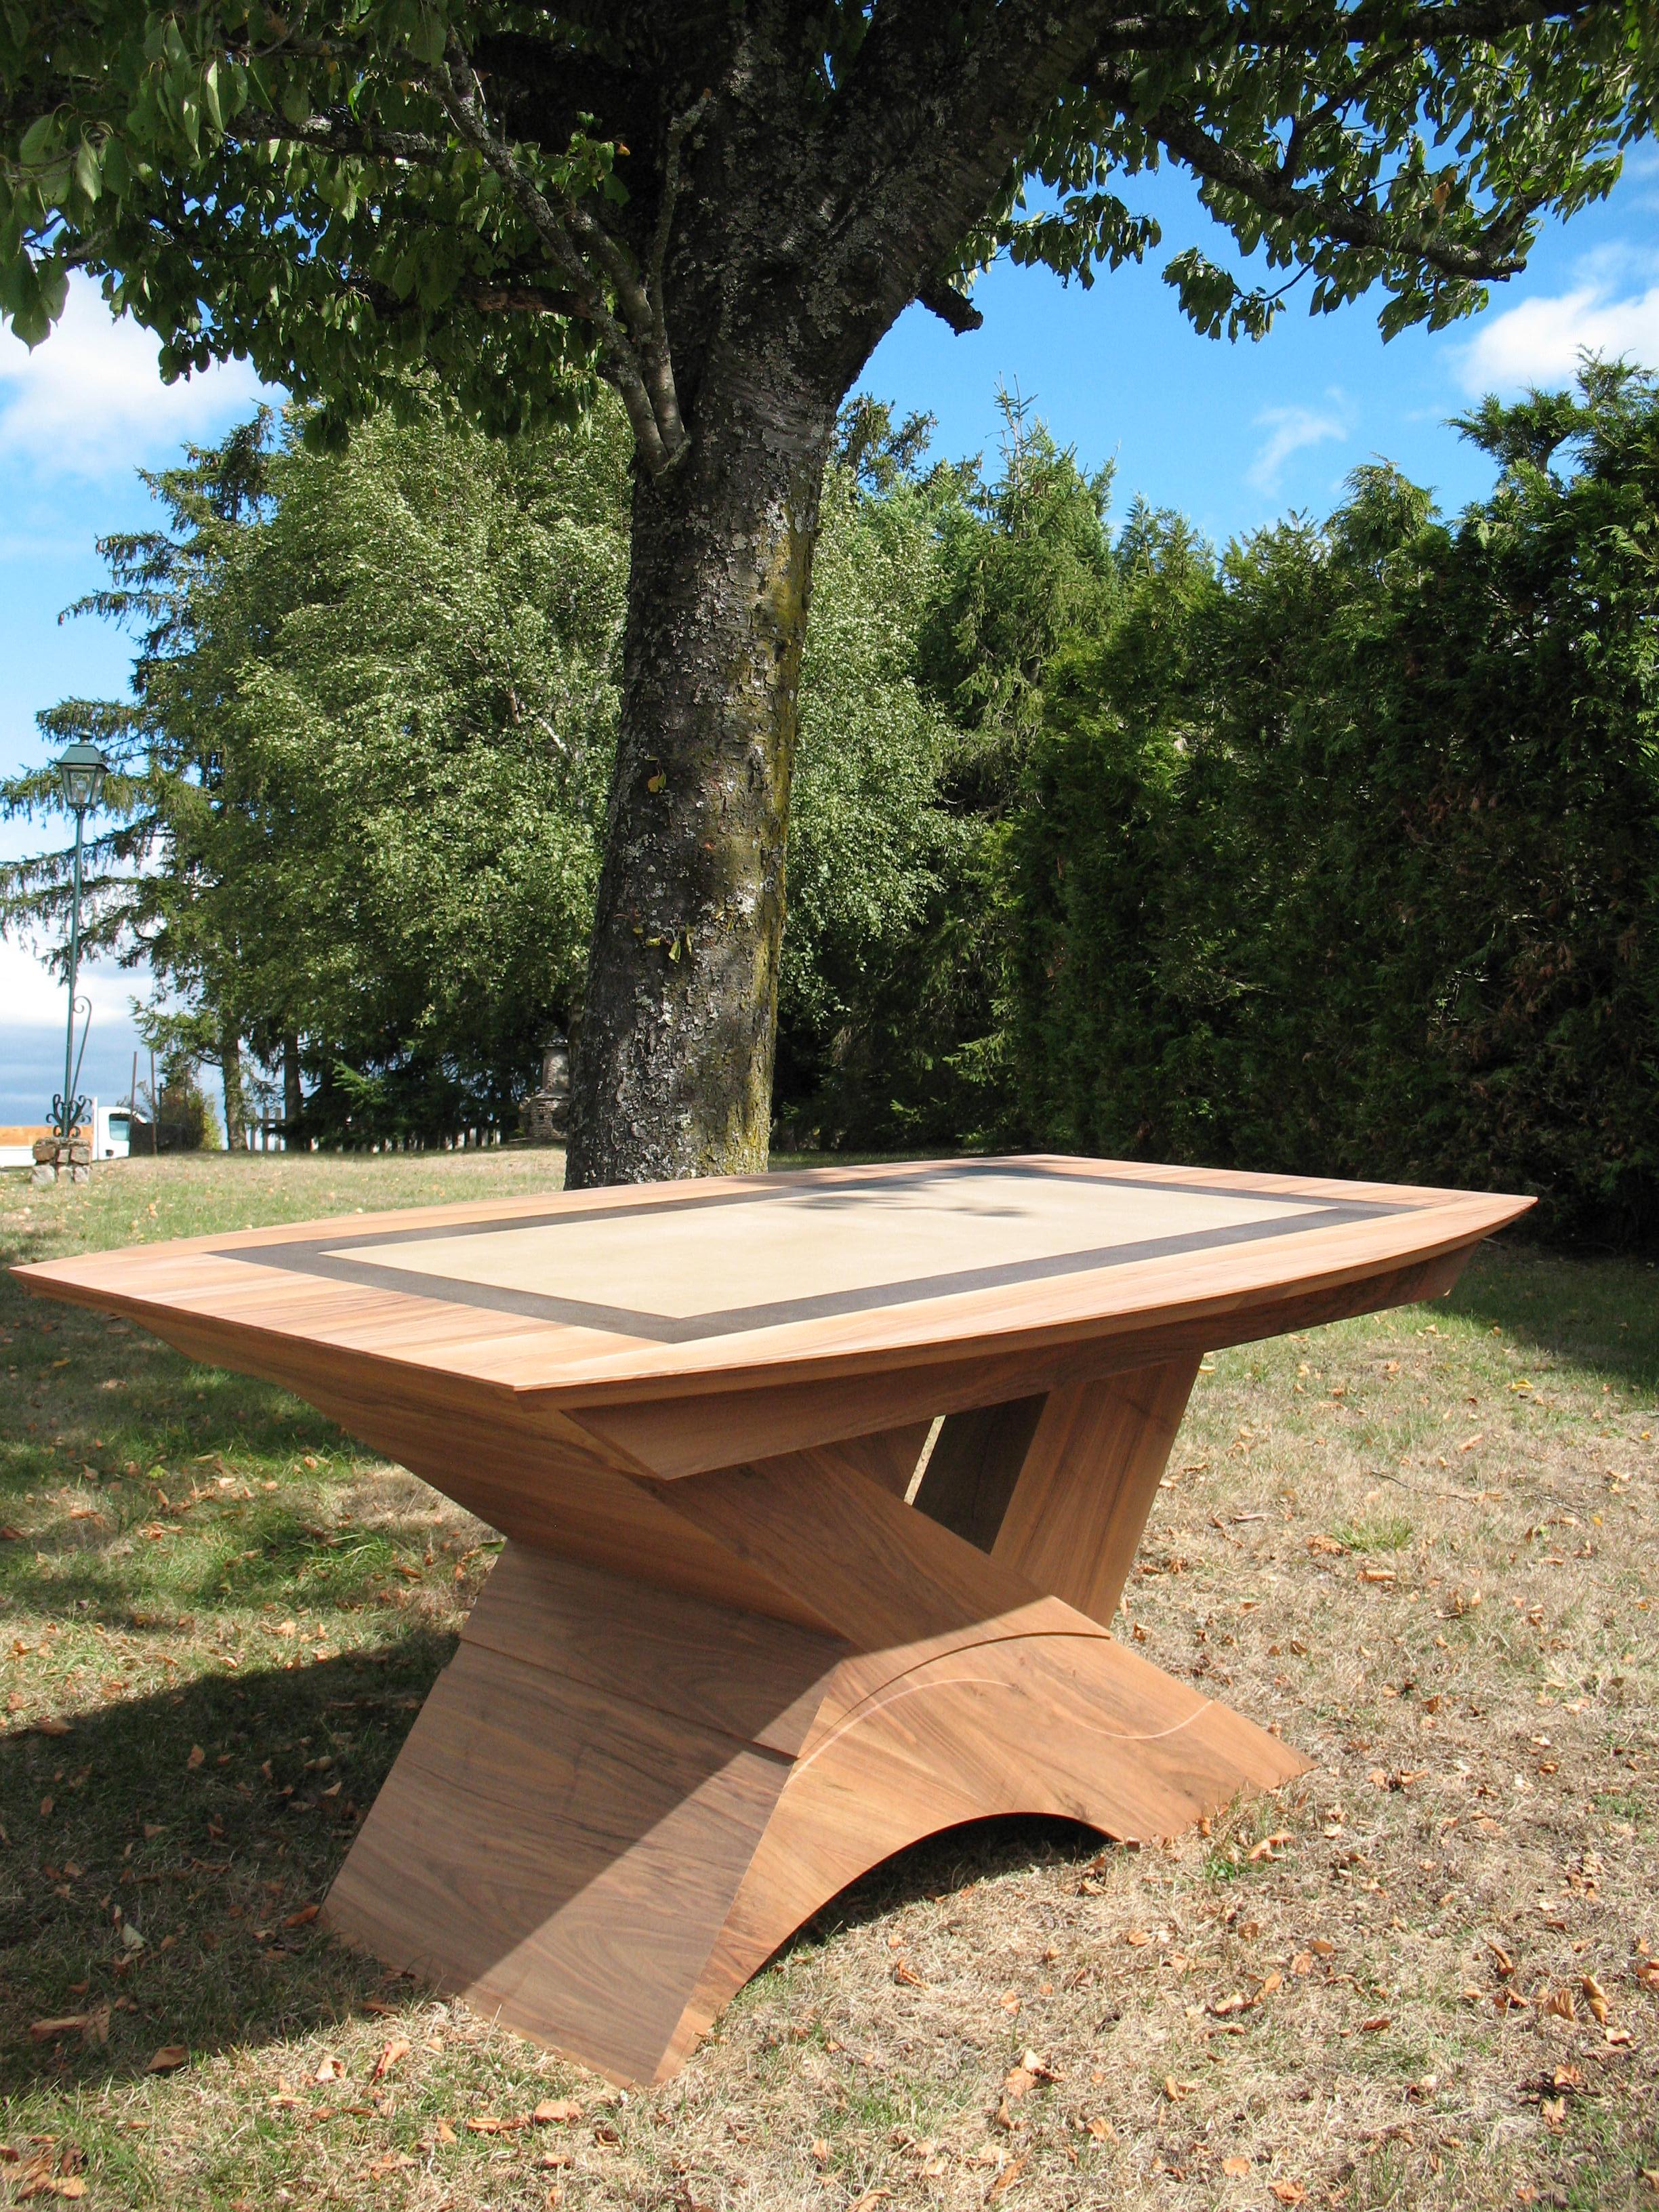 photo canon a630 150 meubles decroix. Black Bedroom Furniture Sets. Home Design Ideas